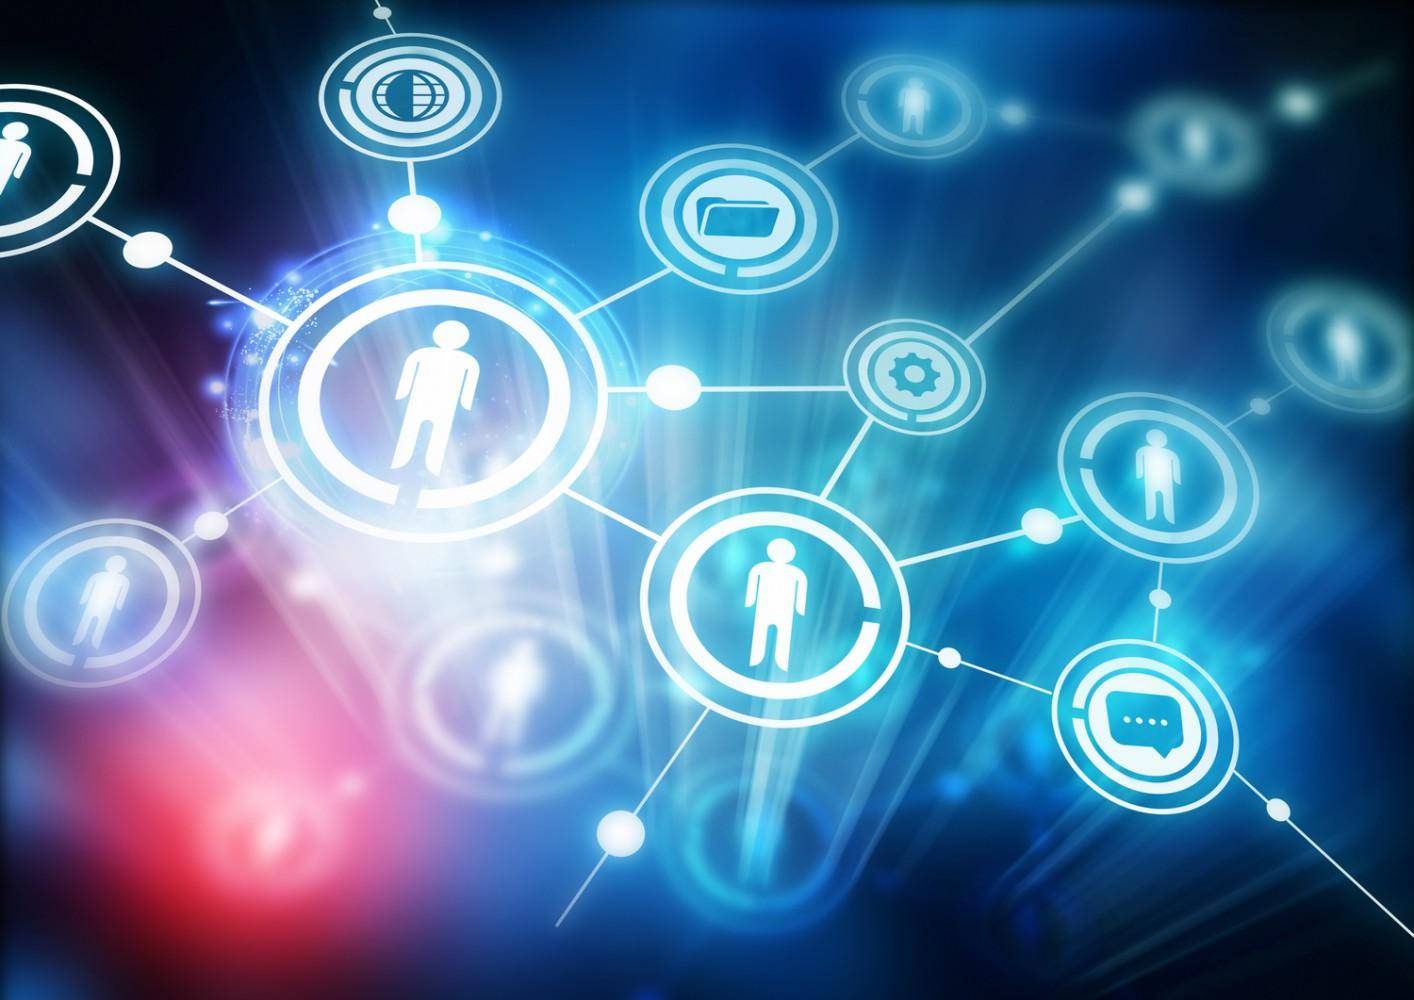 Assicurazioni - Digitalizzazione - Tecnologia Imc